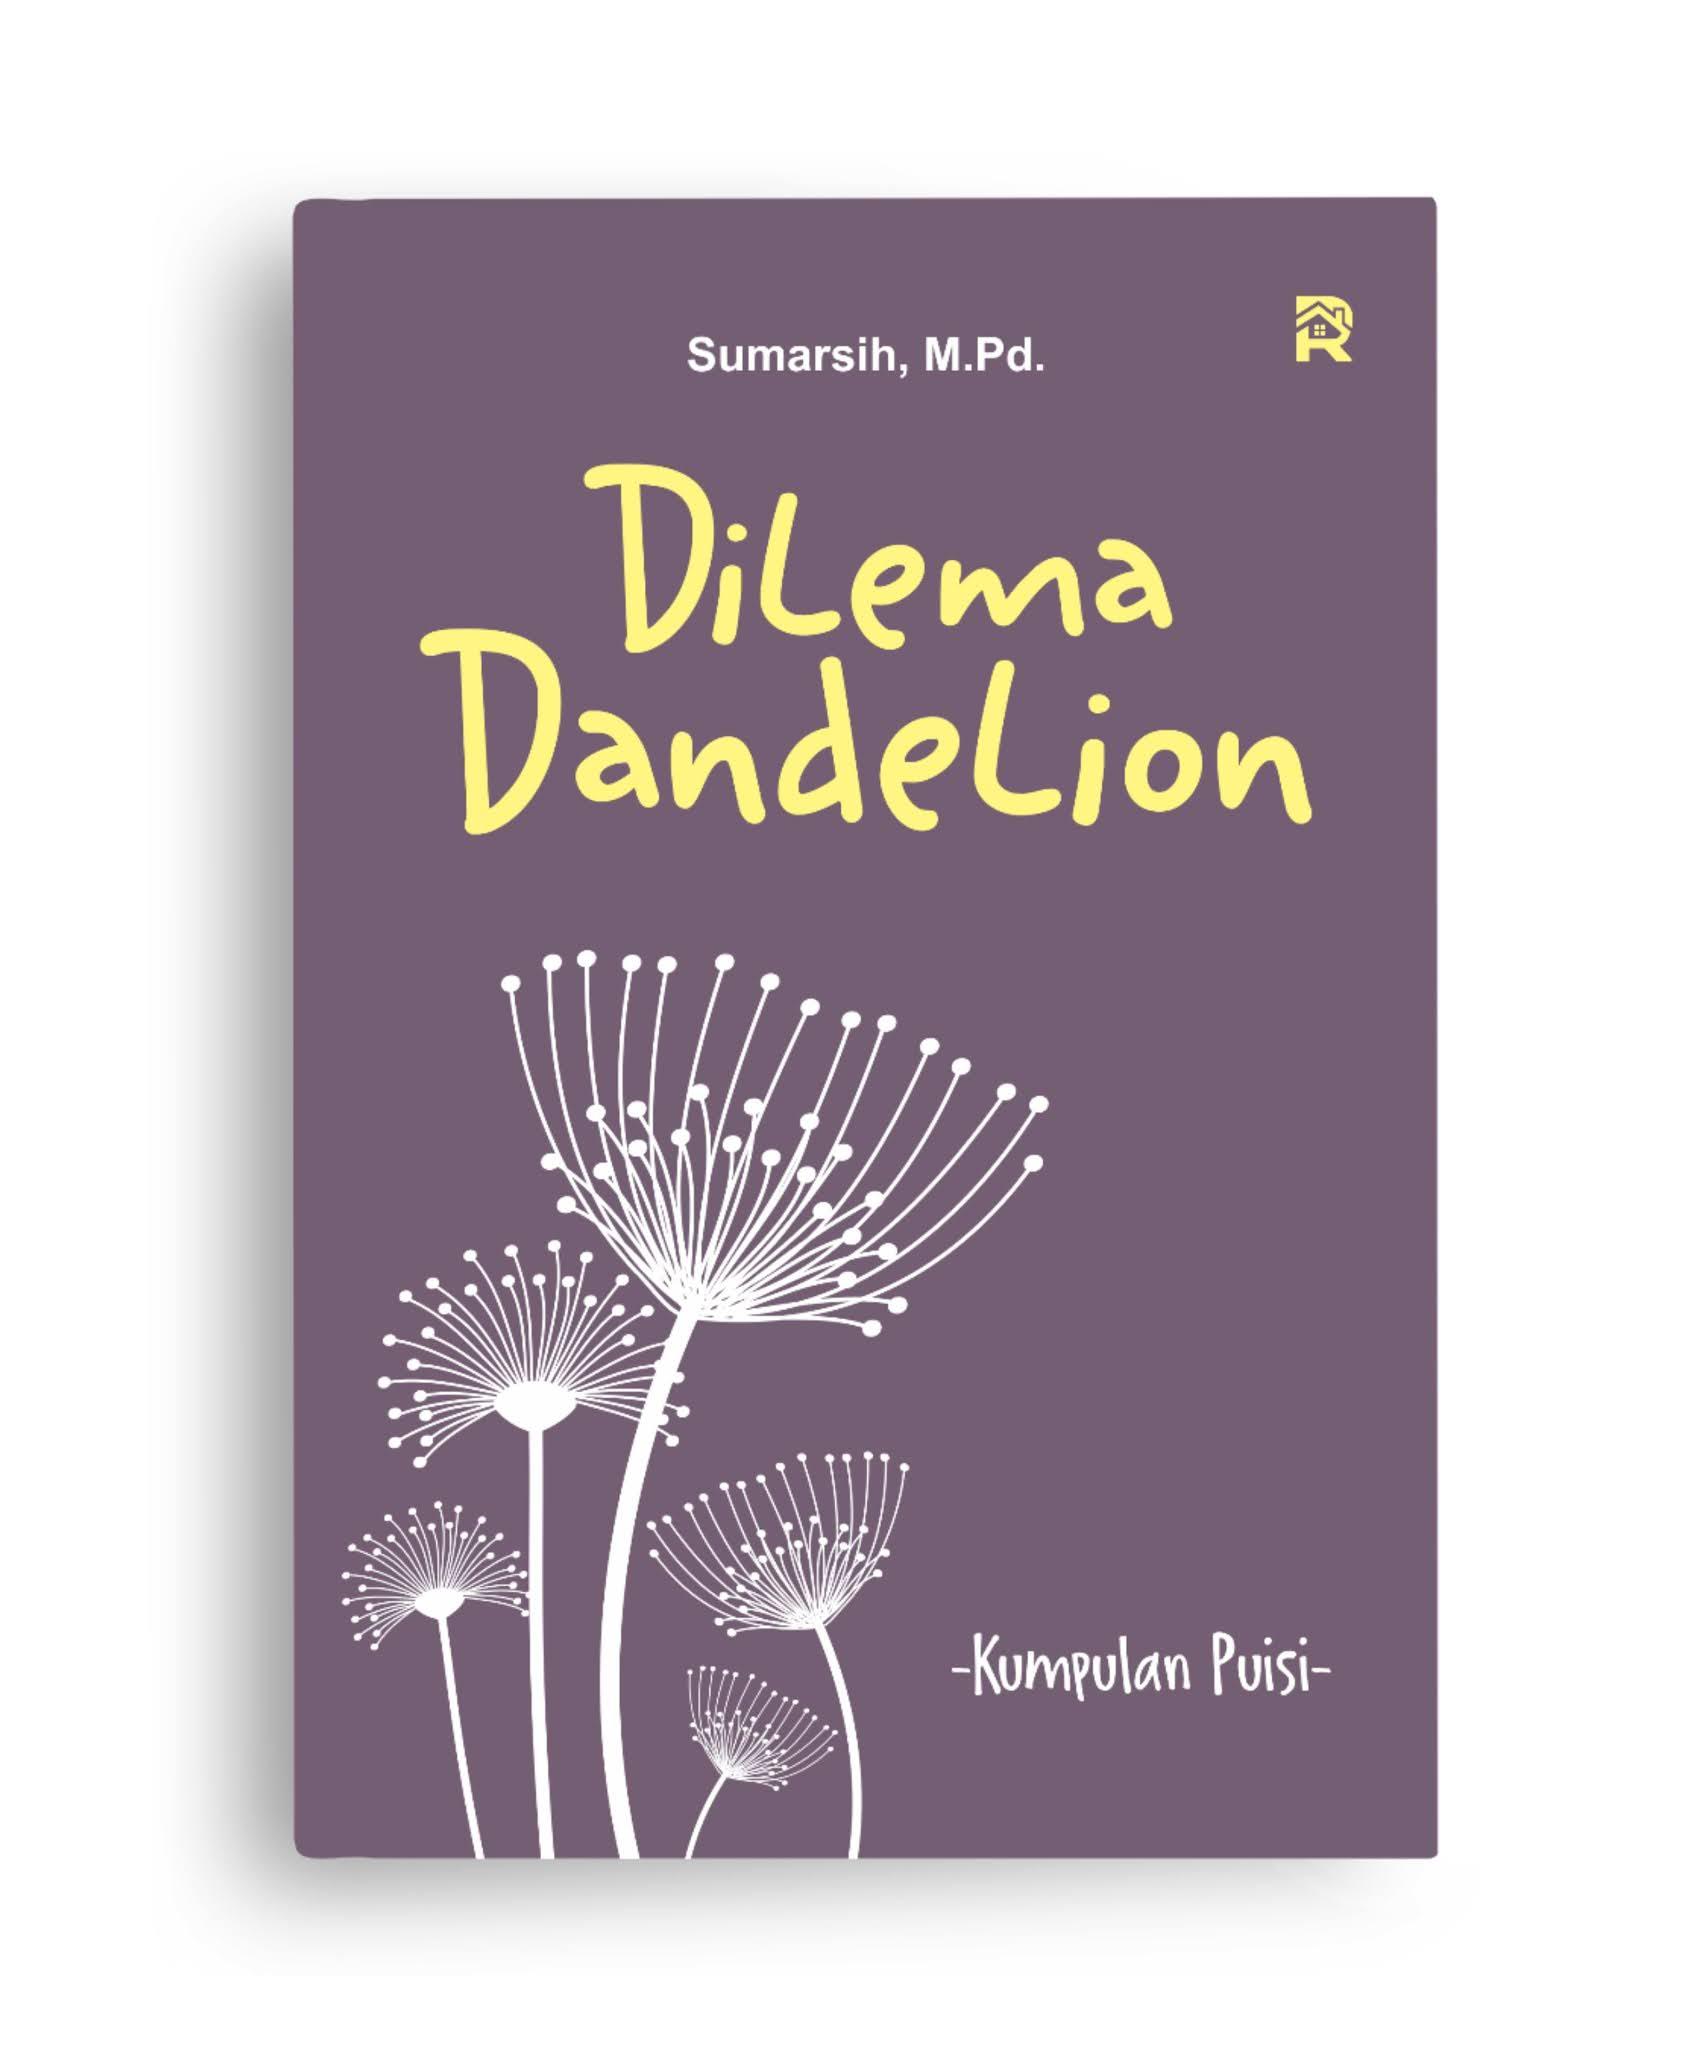 Dilema Dandelion